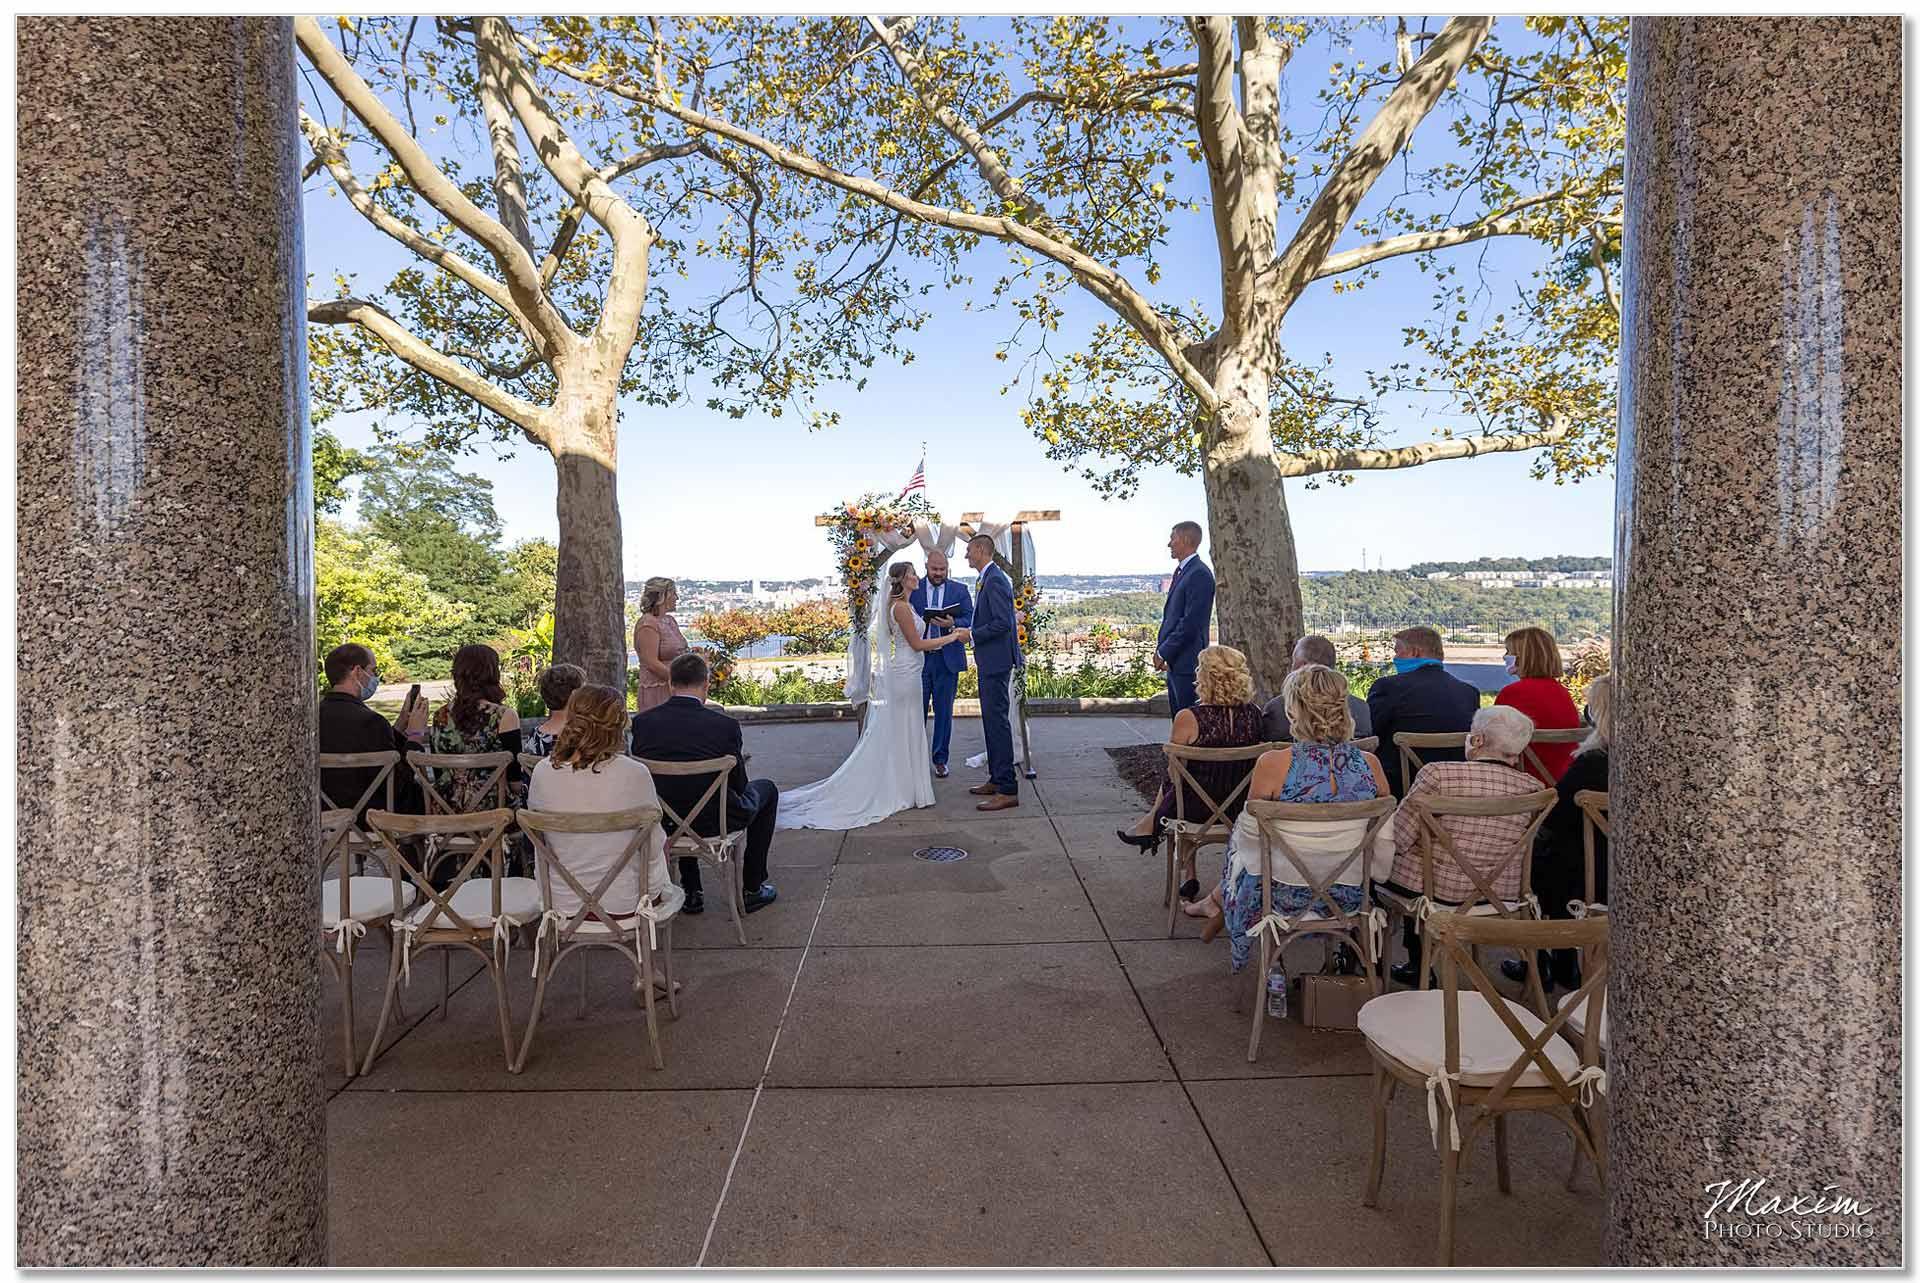 Mt. Echo Park Cincinnati Wedding Ceremony